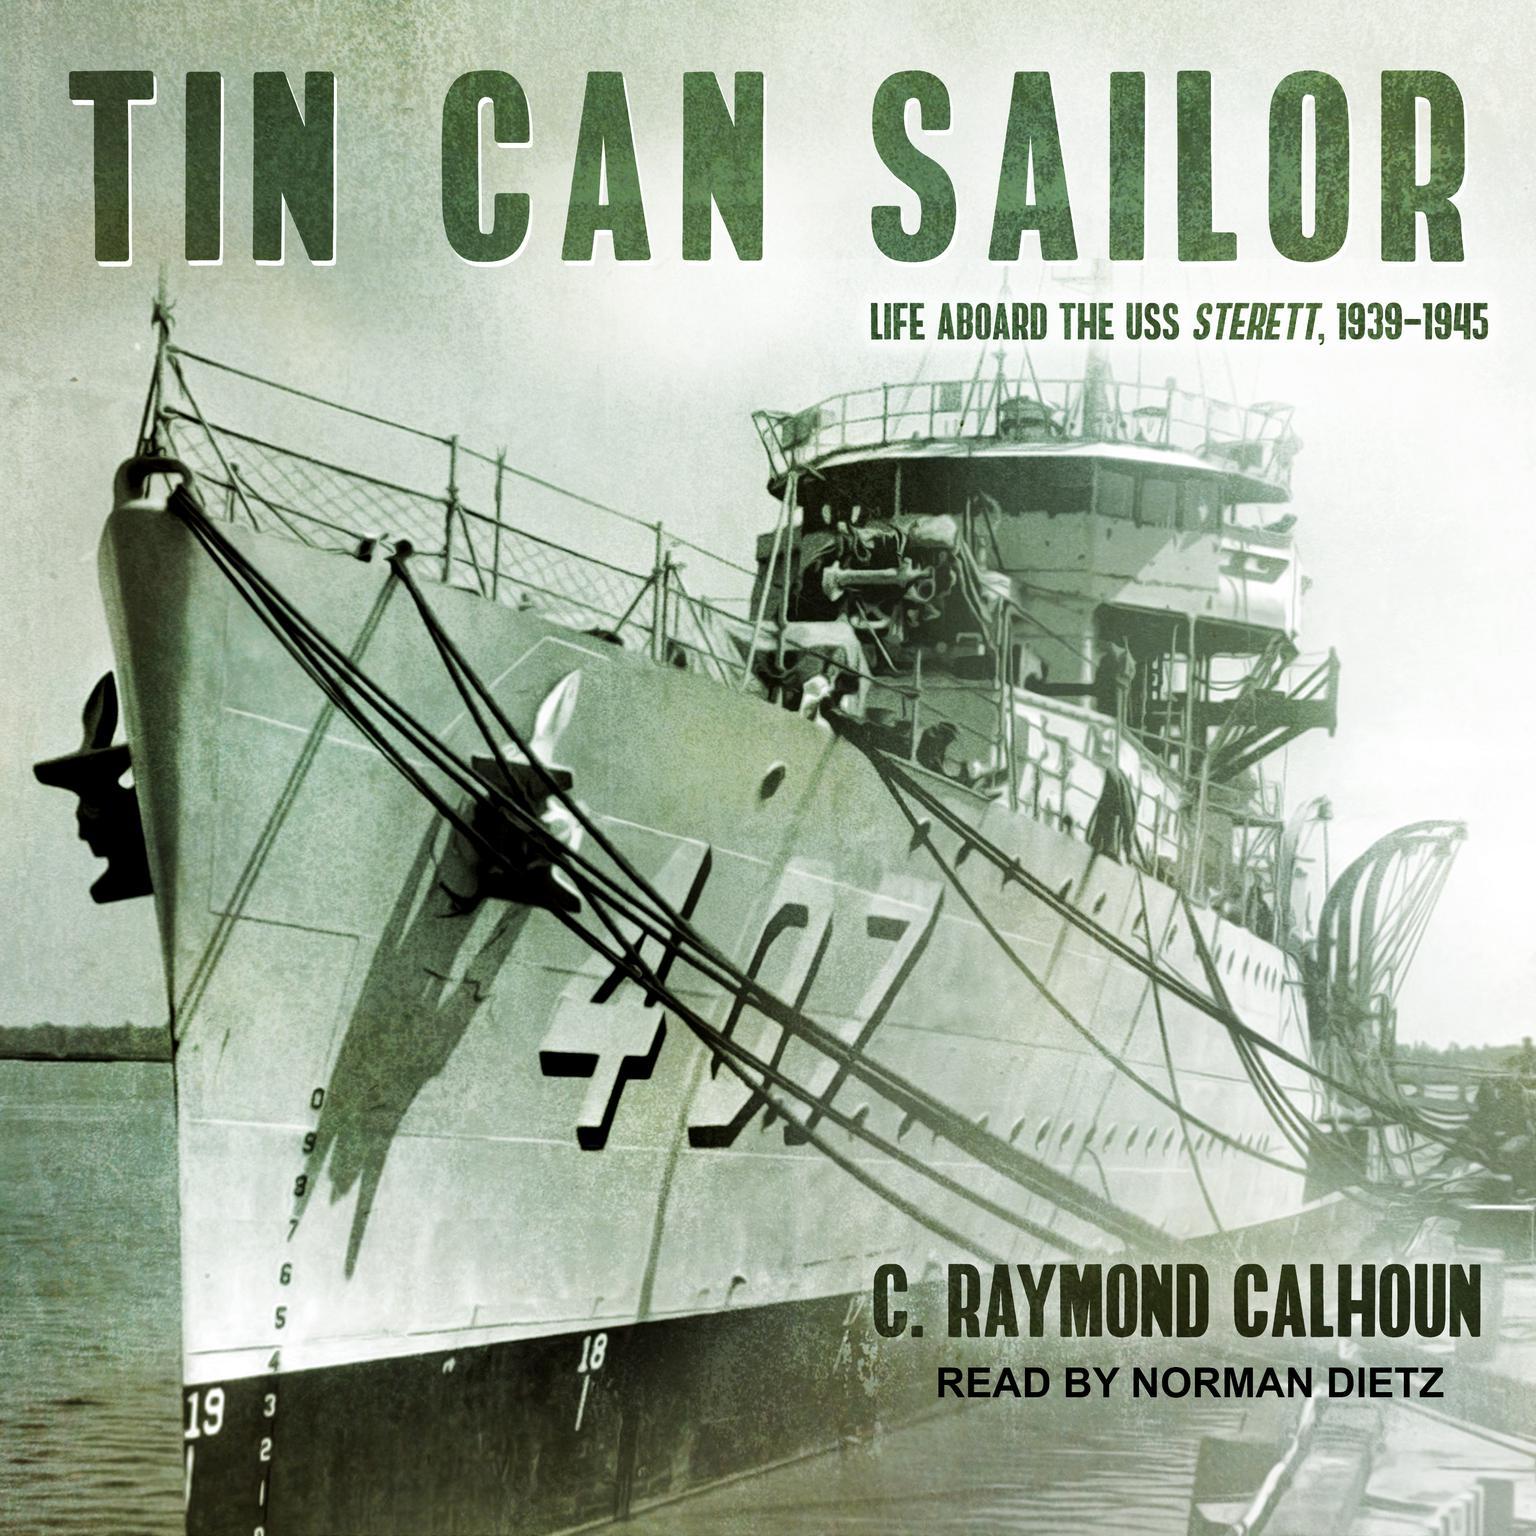 Tin Can Sailor: Life Aboard the USS Sterett, 1939-1945 Audiobook, by C. Raymond Calhoun